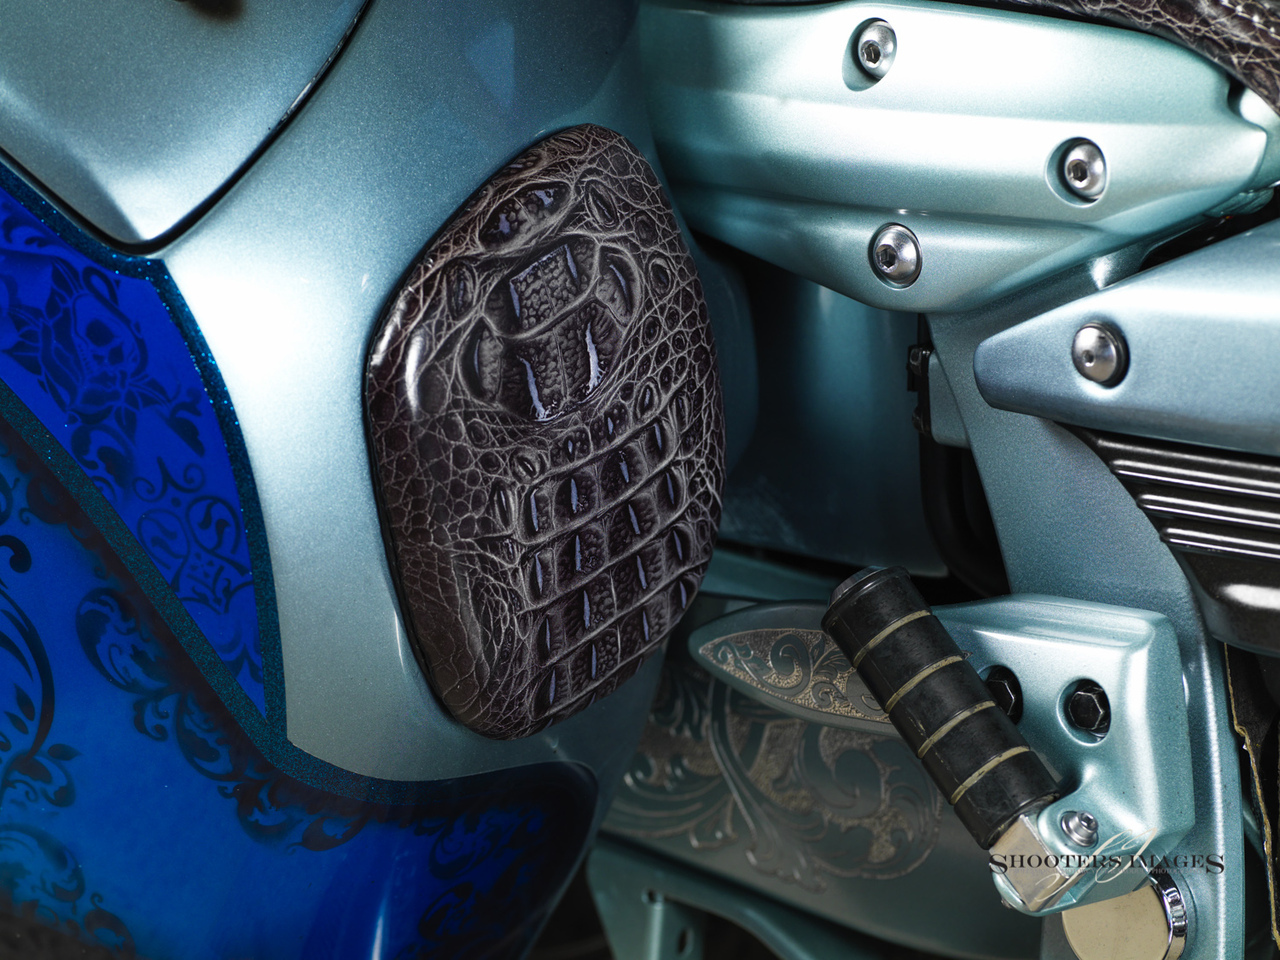 Blacksmith Phantom S Hard-bag for Star Roadliner and Stratoliner show with custom pad cover for perforated hidden audio speaker